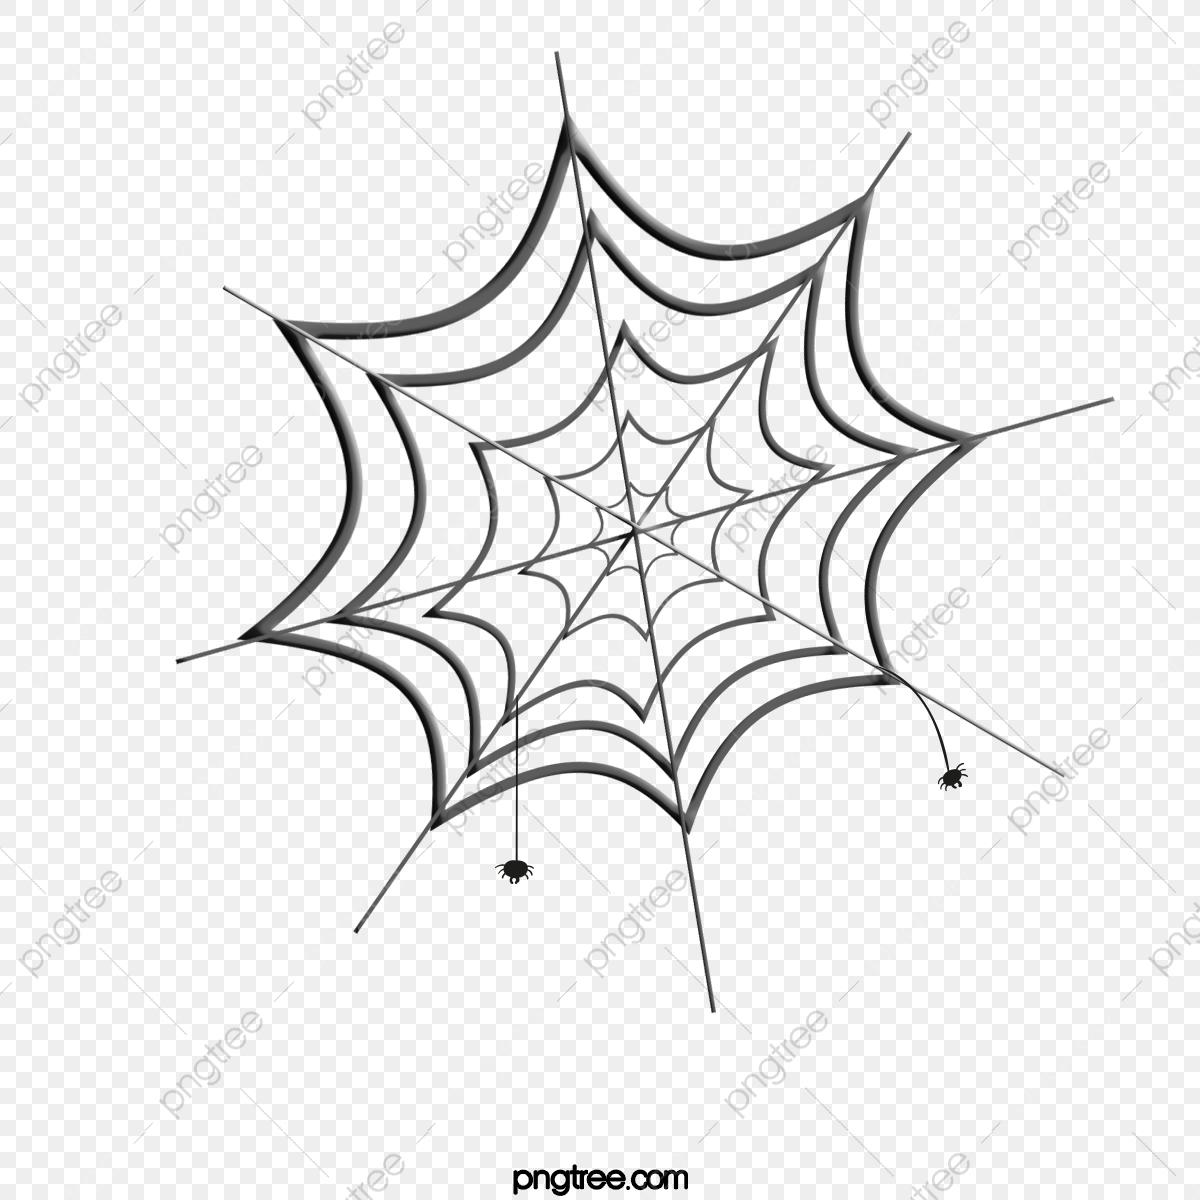 Illustration De Dessin Animé Texture Toile D'araignée Mignon destiné Toile D Araignée Dessin